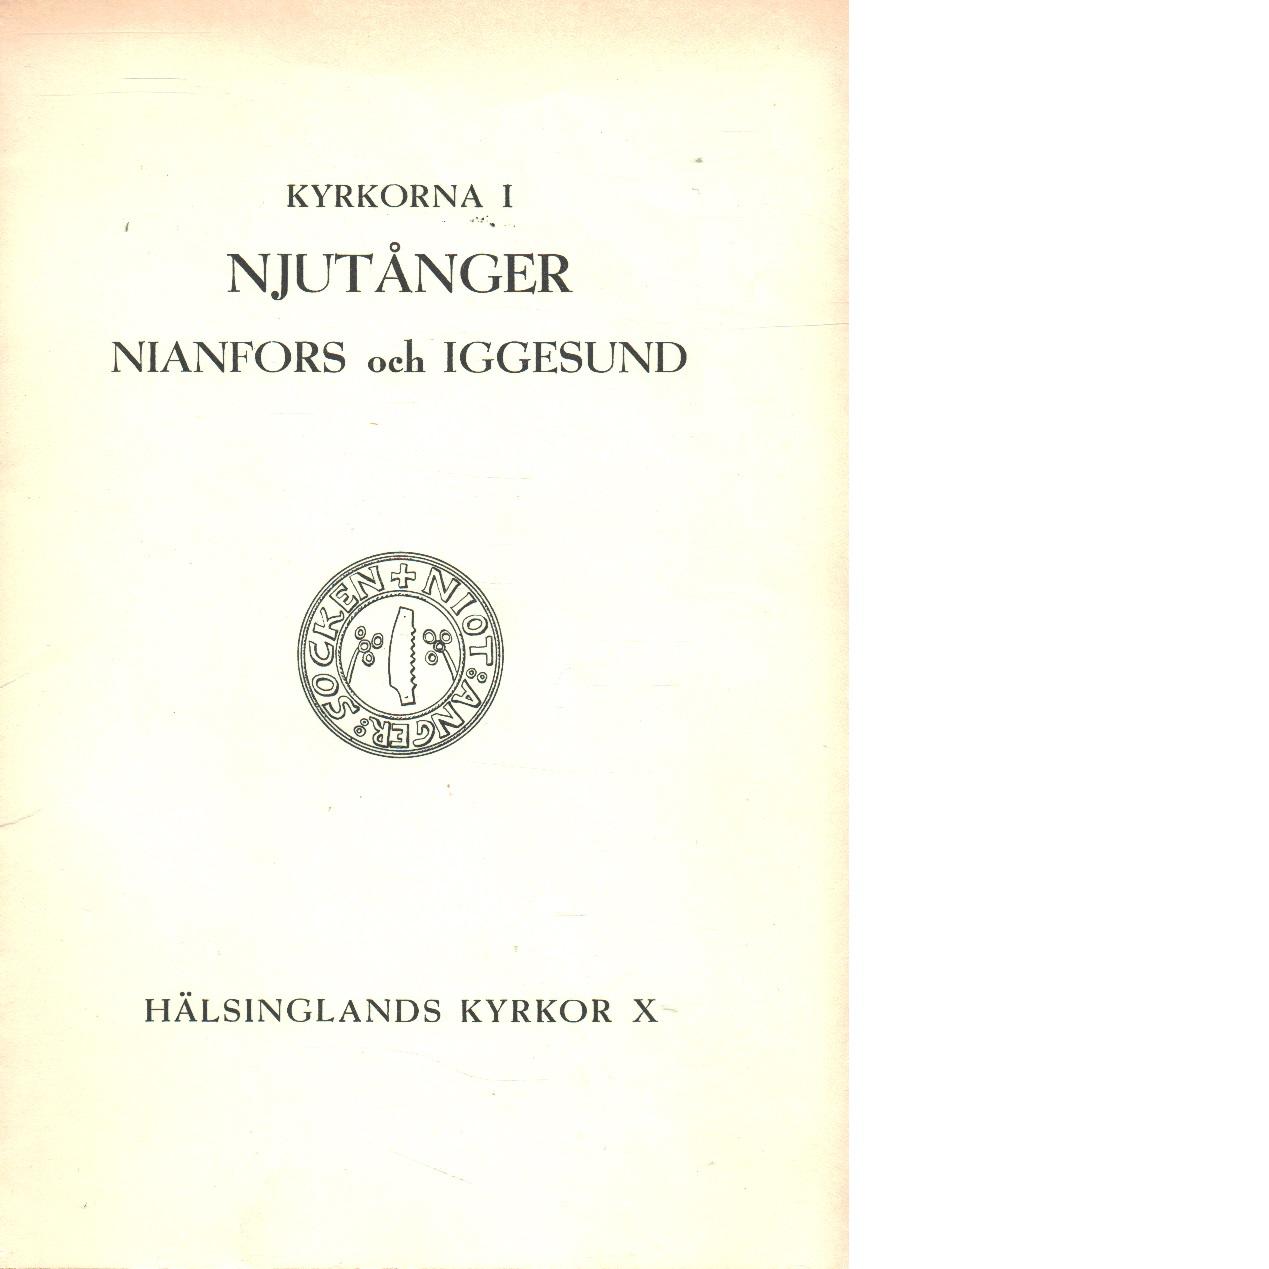 Kyrkorna i Njutånger, Nianfors och Iggesund. - Swartling, Ingrid